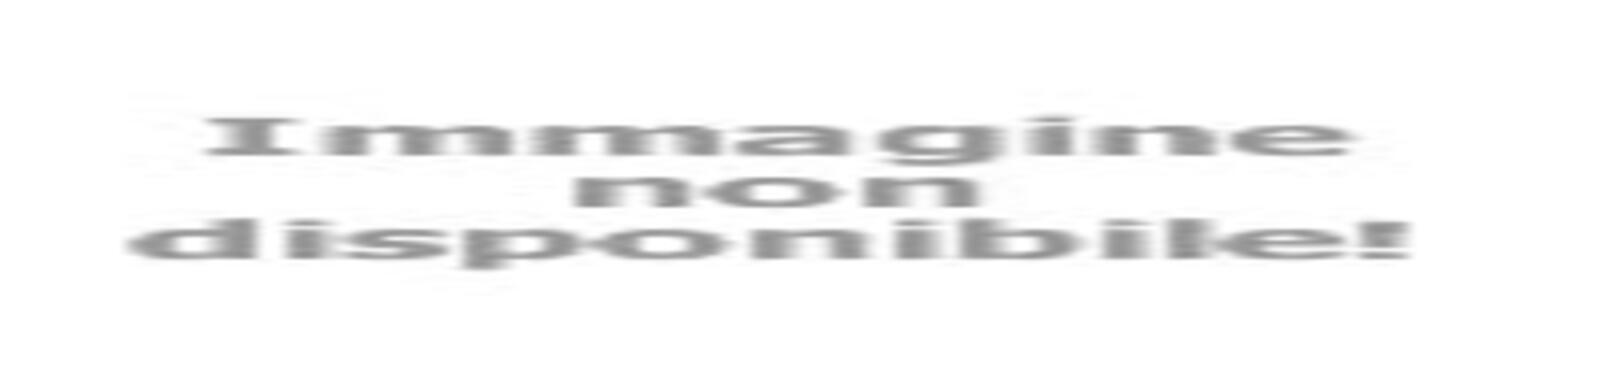 petronianaviaggi it chieri-e-messer-tulipano-al-castello-di-pralormo-v217 002